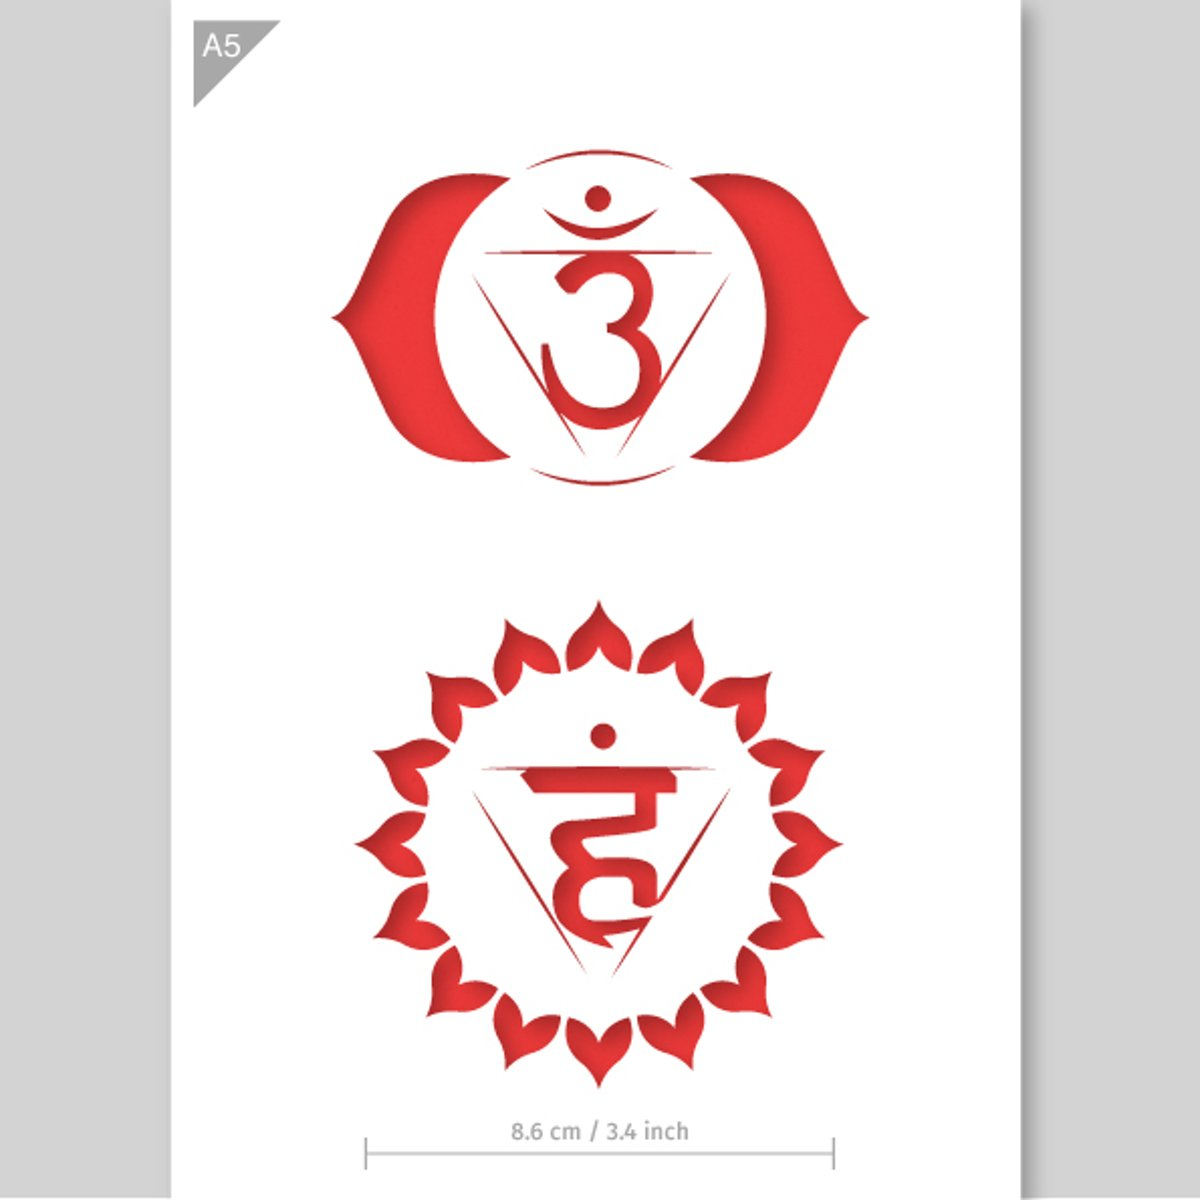 Vishuddha & Anja chakra sjabloon - Kartonnen A5 stencil - Kindvriendelijk sjabloon geschikt voor graffiti, airbrush, schilderen, muren, meubilair, taarten en andere doeleinden kopen